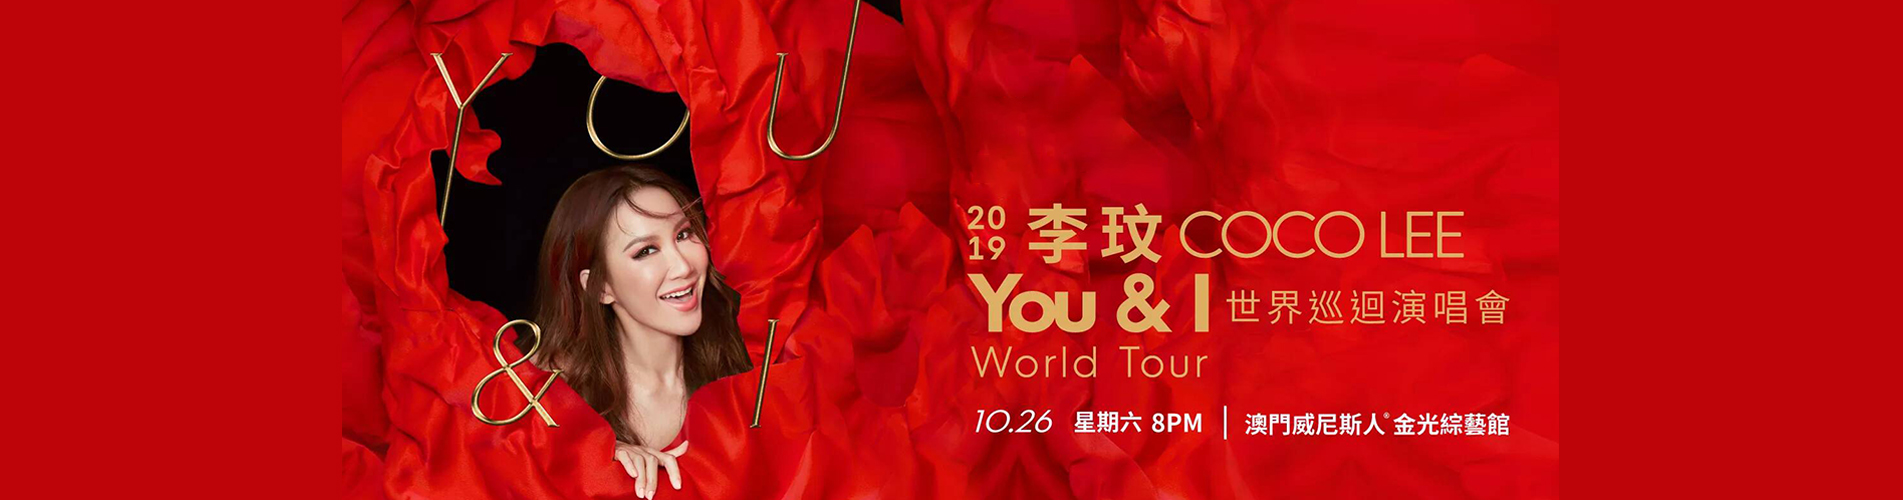 李玟 CoCo Lee「YOU & I」世界巡迴演唱會2019 - 澳門站